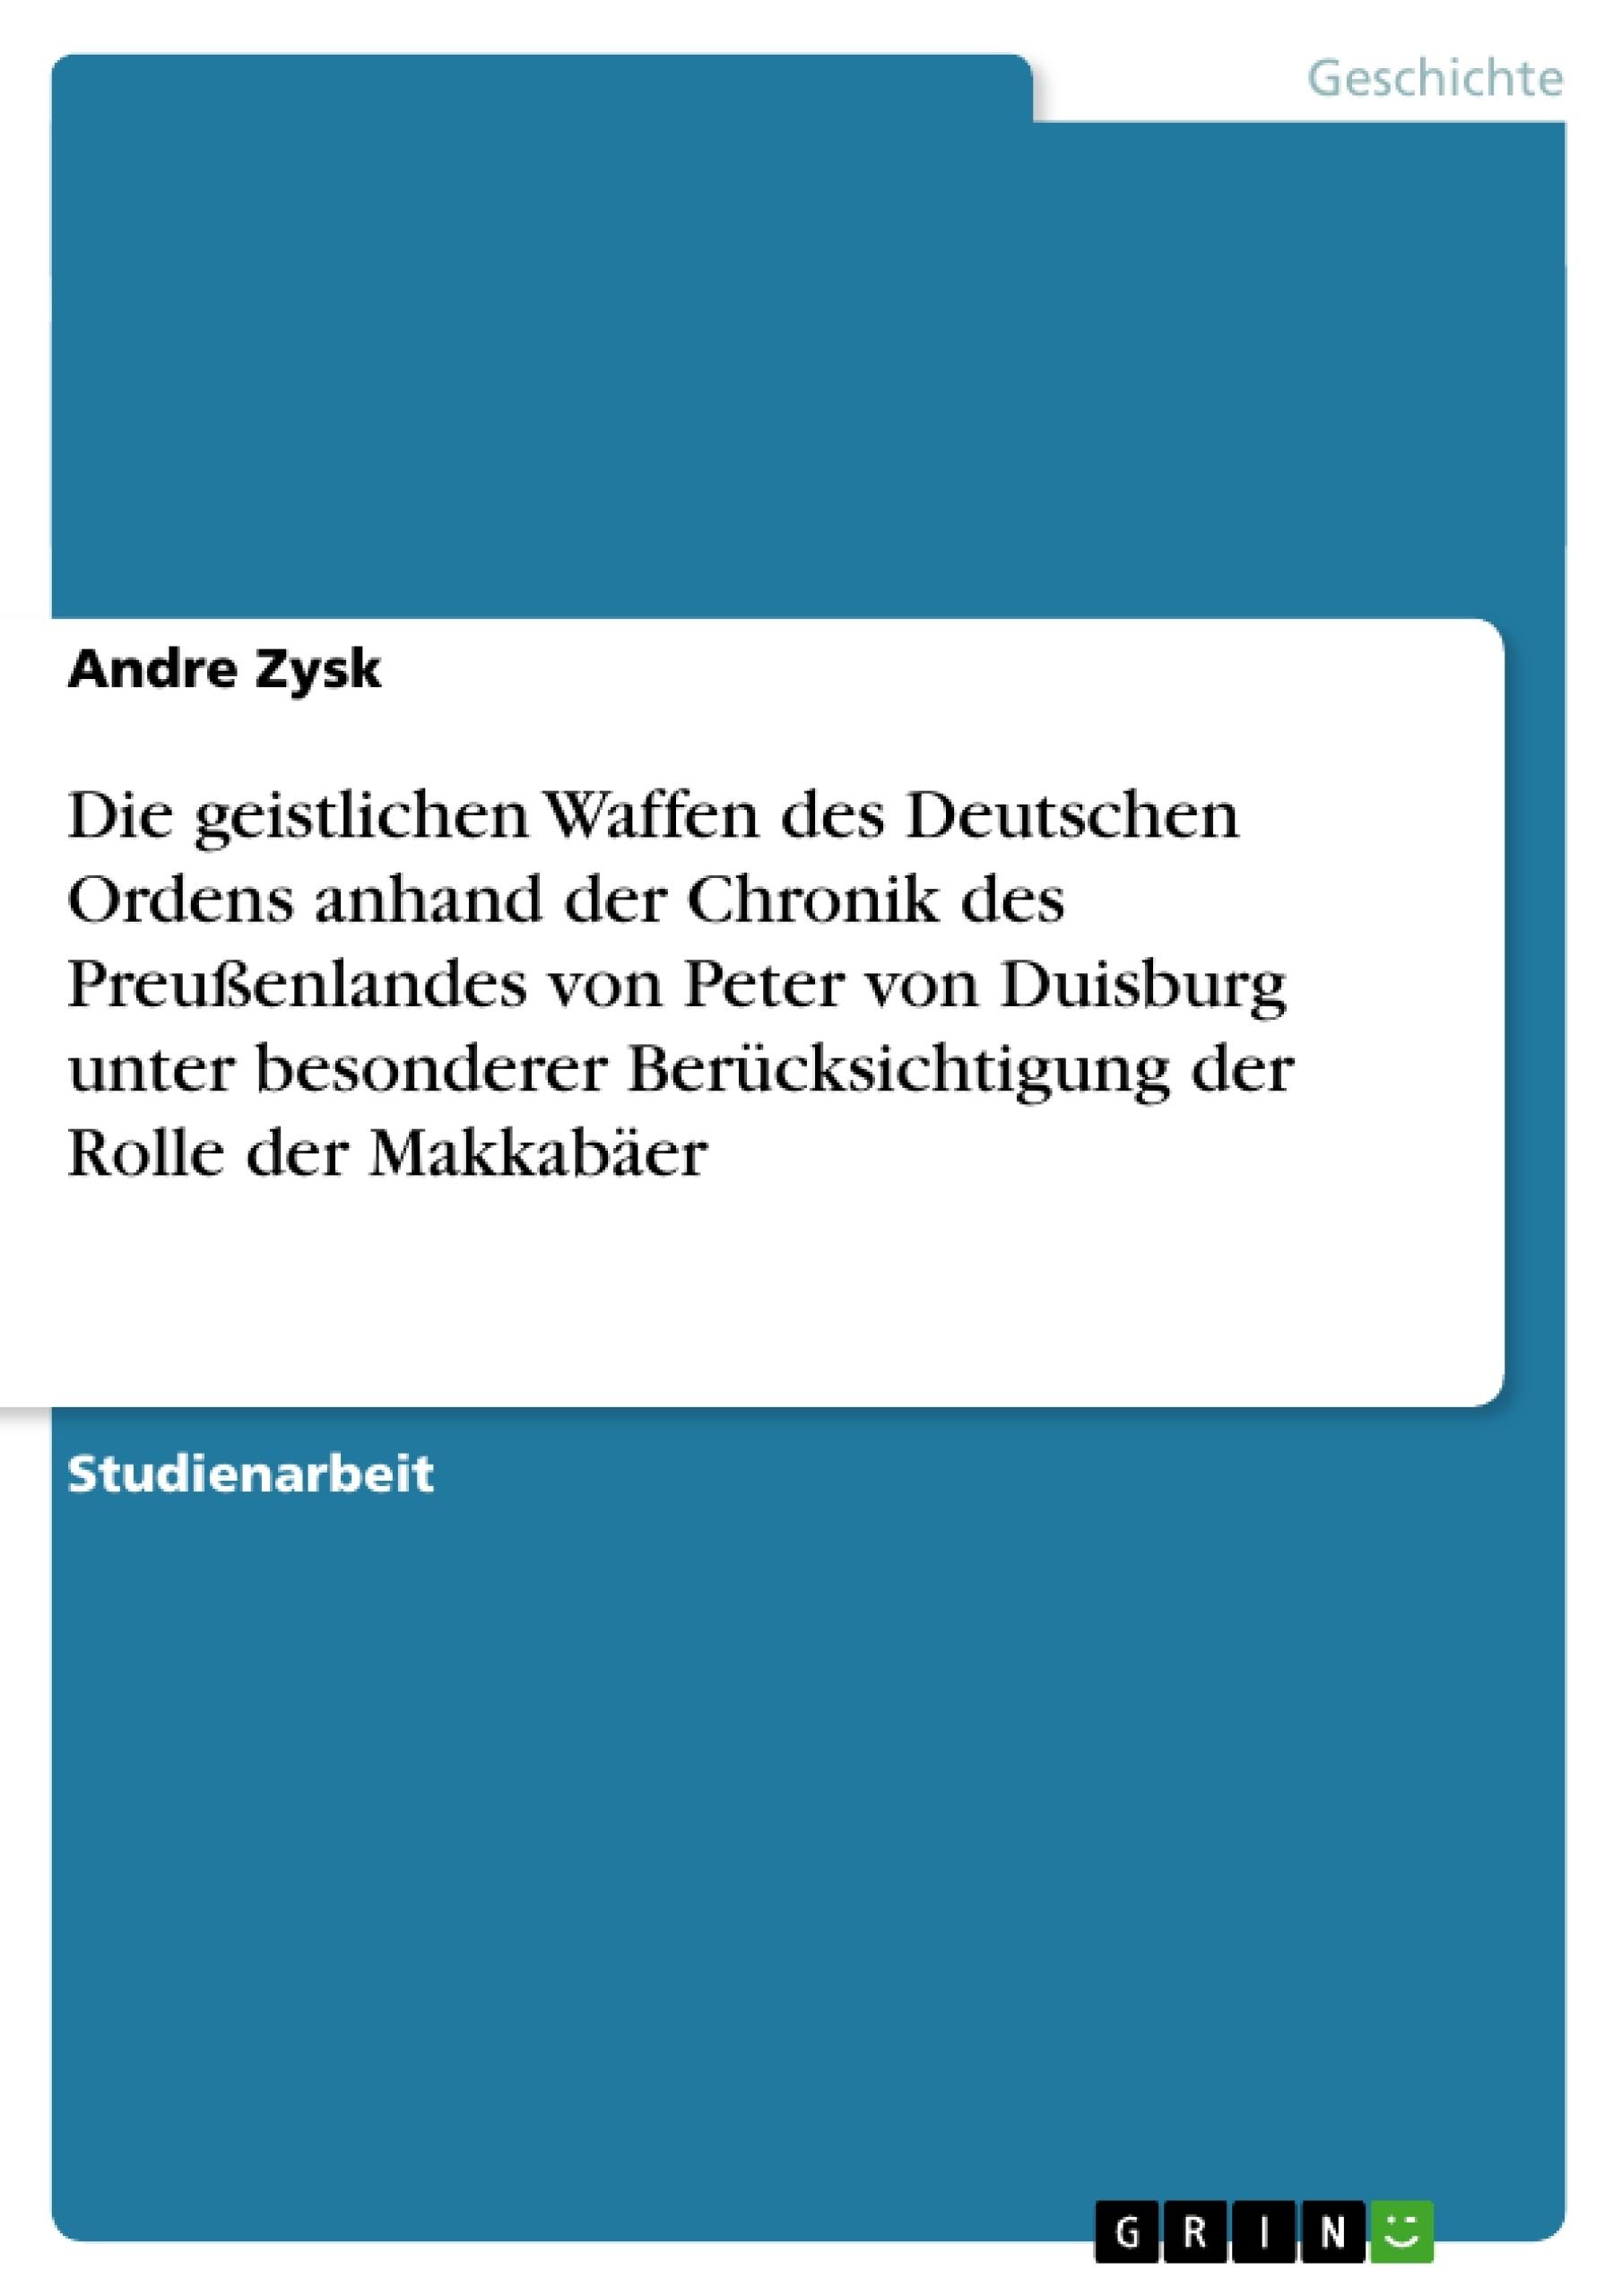 Titel: Die geistlichen Waffen des Deutschen Ordens anhand der Chronik des Preußenlandes von Peter von Duisburg unter besonderer Berücksichtigung der Rolle der Makkabäer